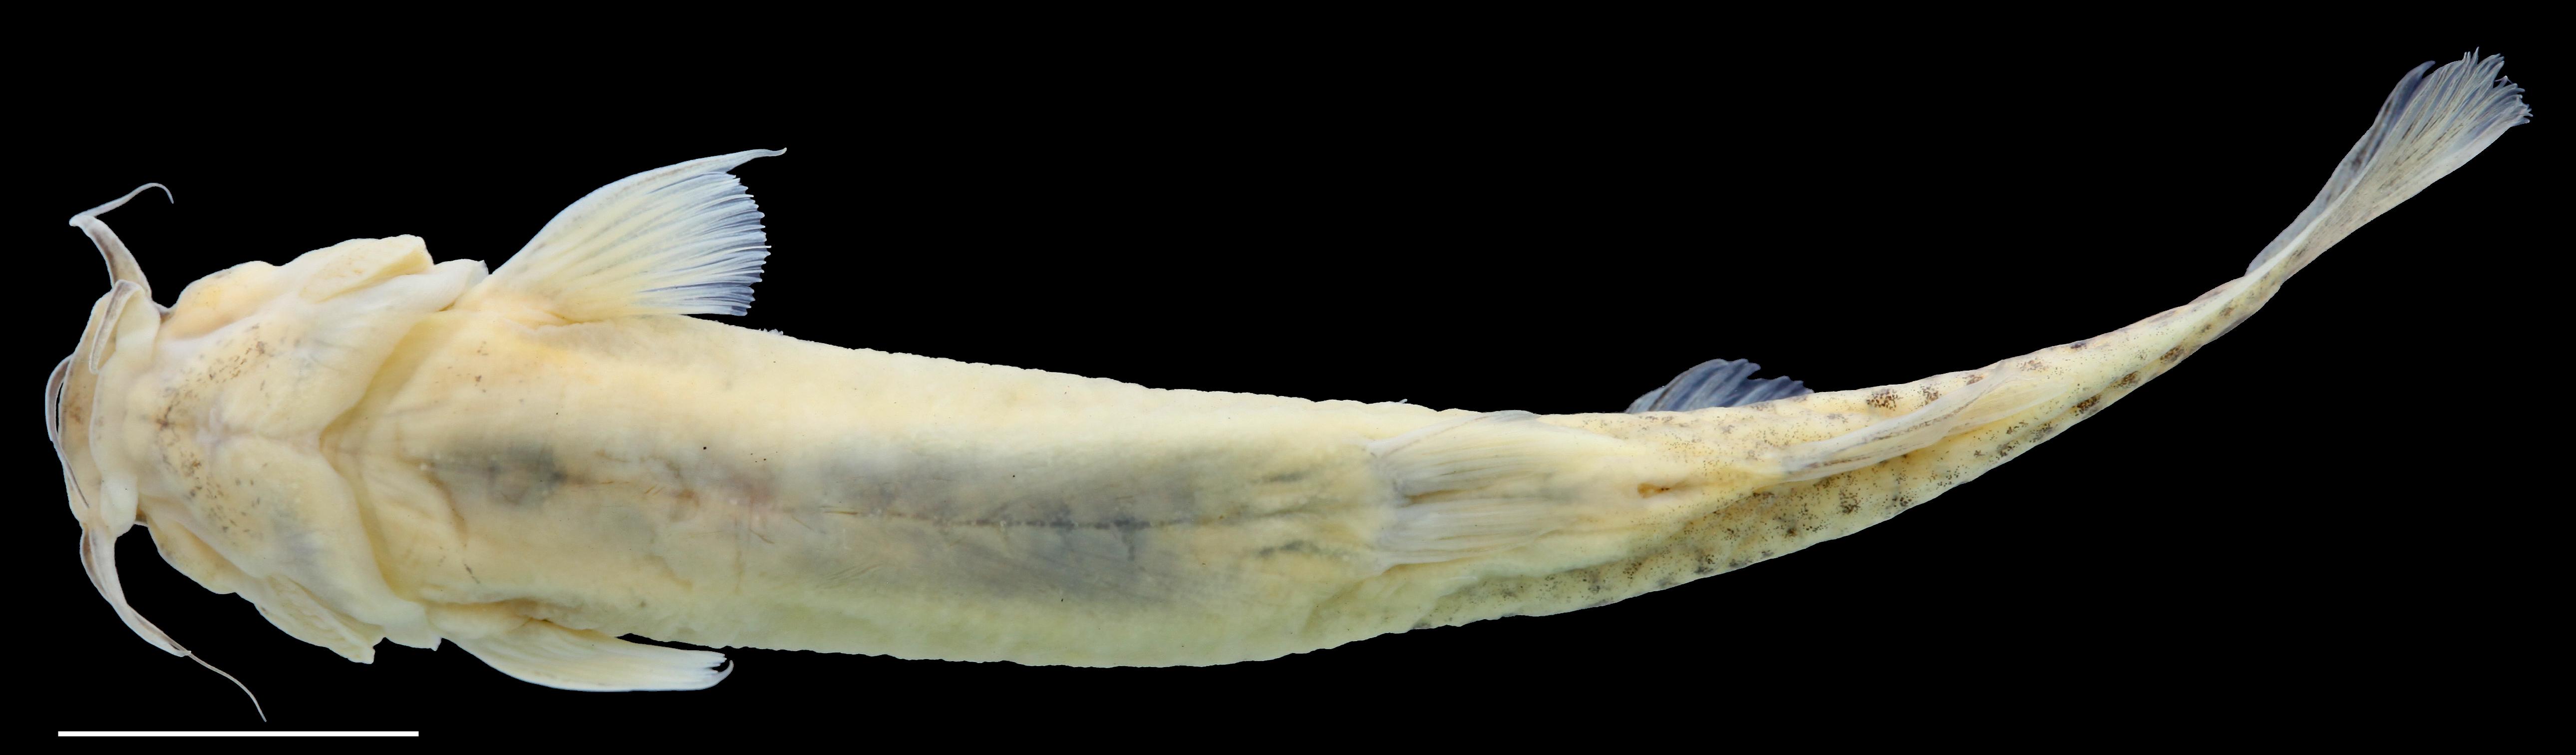 Paratípo de <em>Trichomycterus torcoromaensis</em>, IAvH-P-13422_Ventral, 62.2 mm SL (scale bar = 1 cm). Photograph by C. DoNascimiento